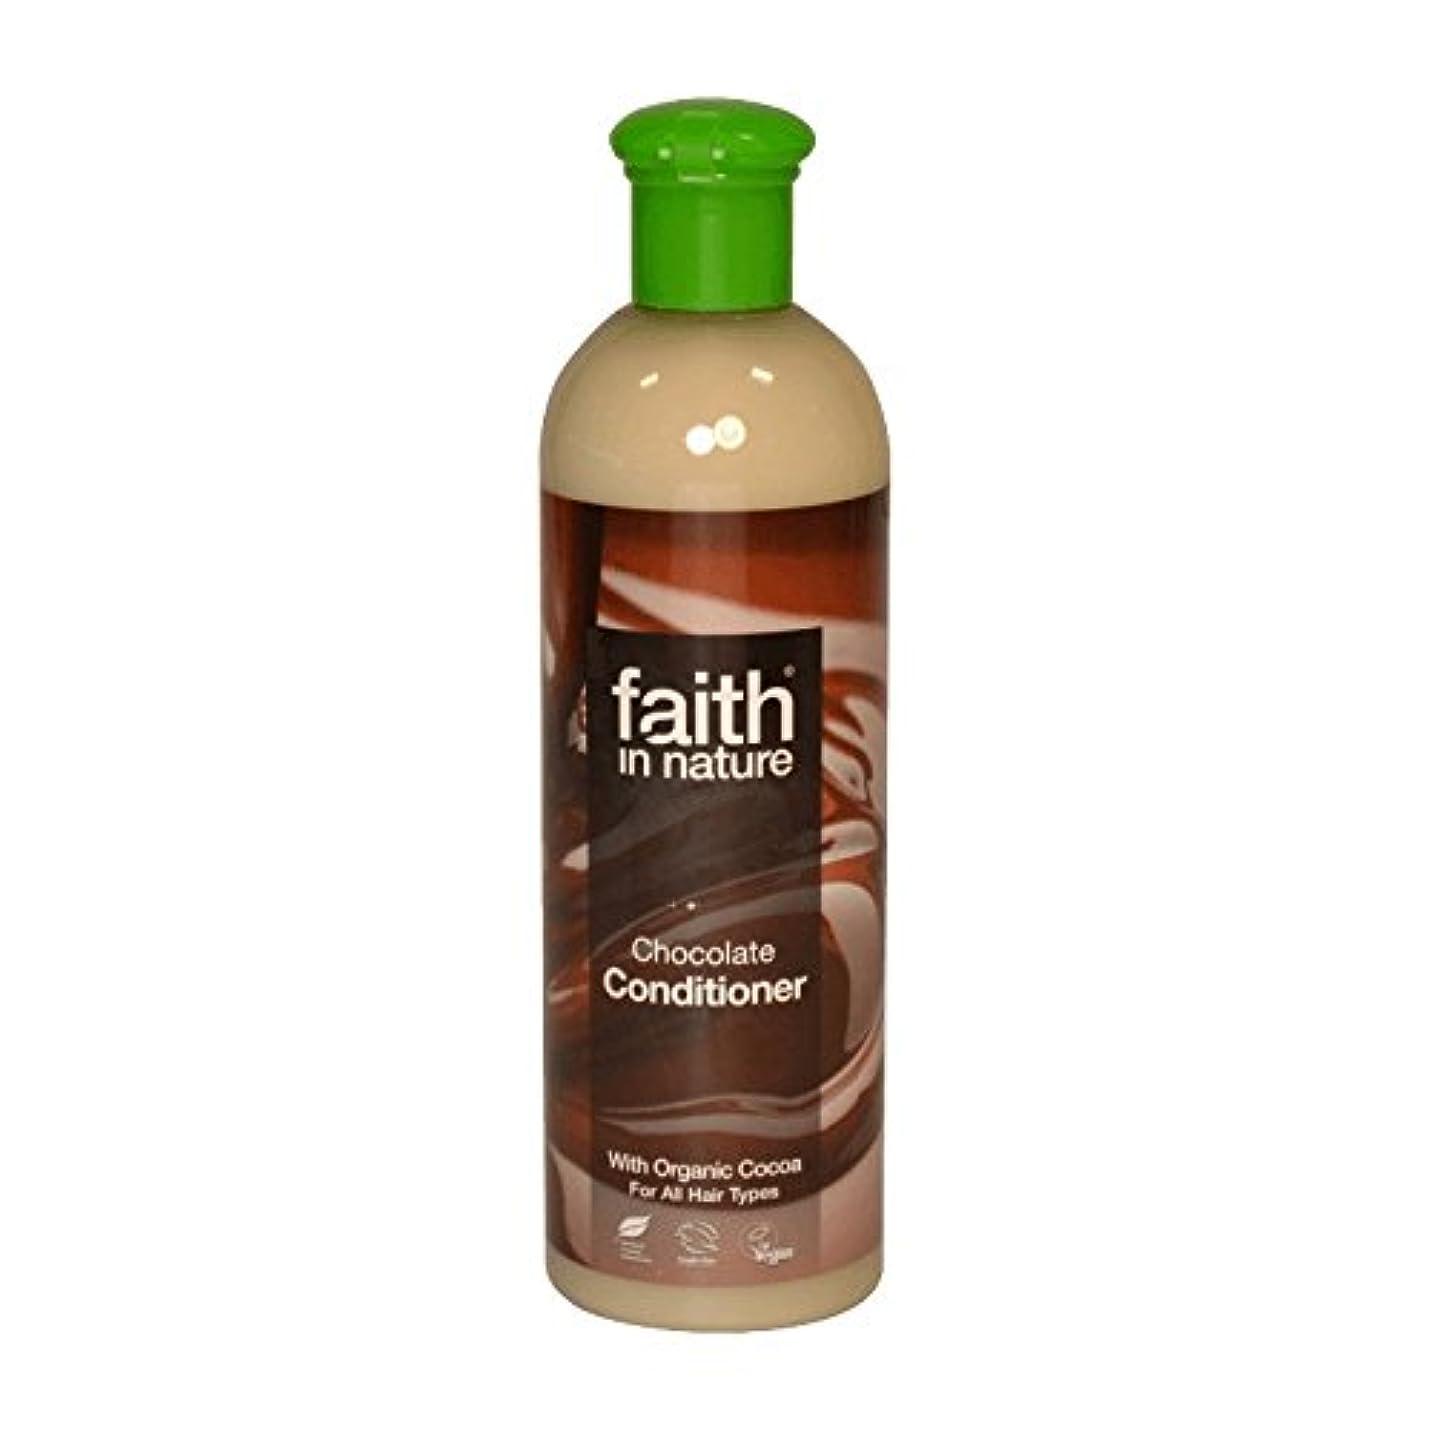 アウター改善する治安判事自然チョコレートコンディショナー400ミリリットルの信仰 - Faith In Nature Chocolate Conditioner 400ml (Faith in Nature) [並行輸入品]